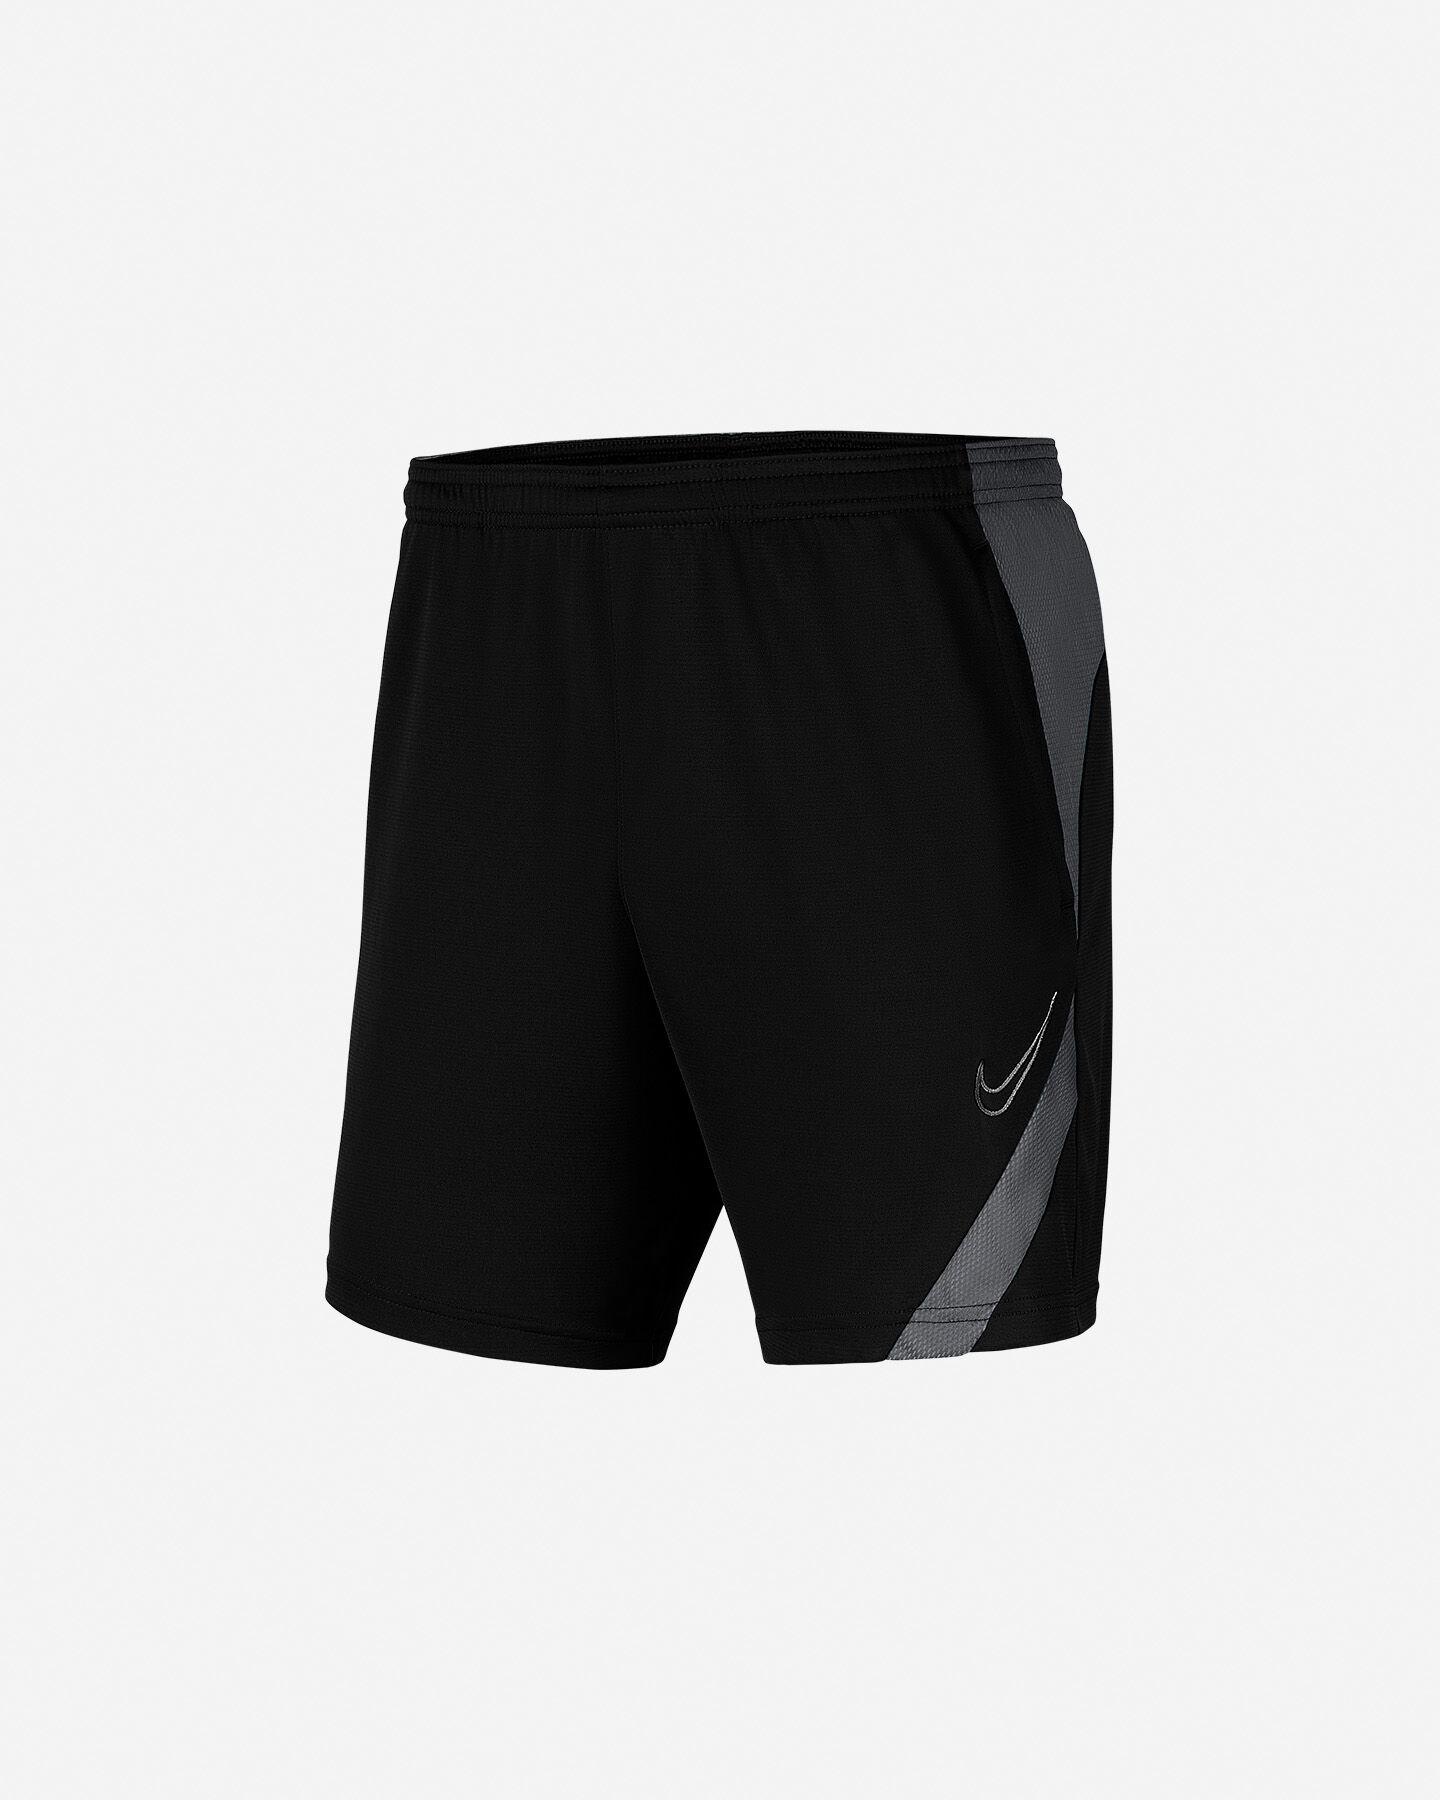 Pantaloncini calcio NIKE DRI-FIT ACADEMY M S5163436 scatto 0